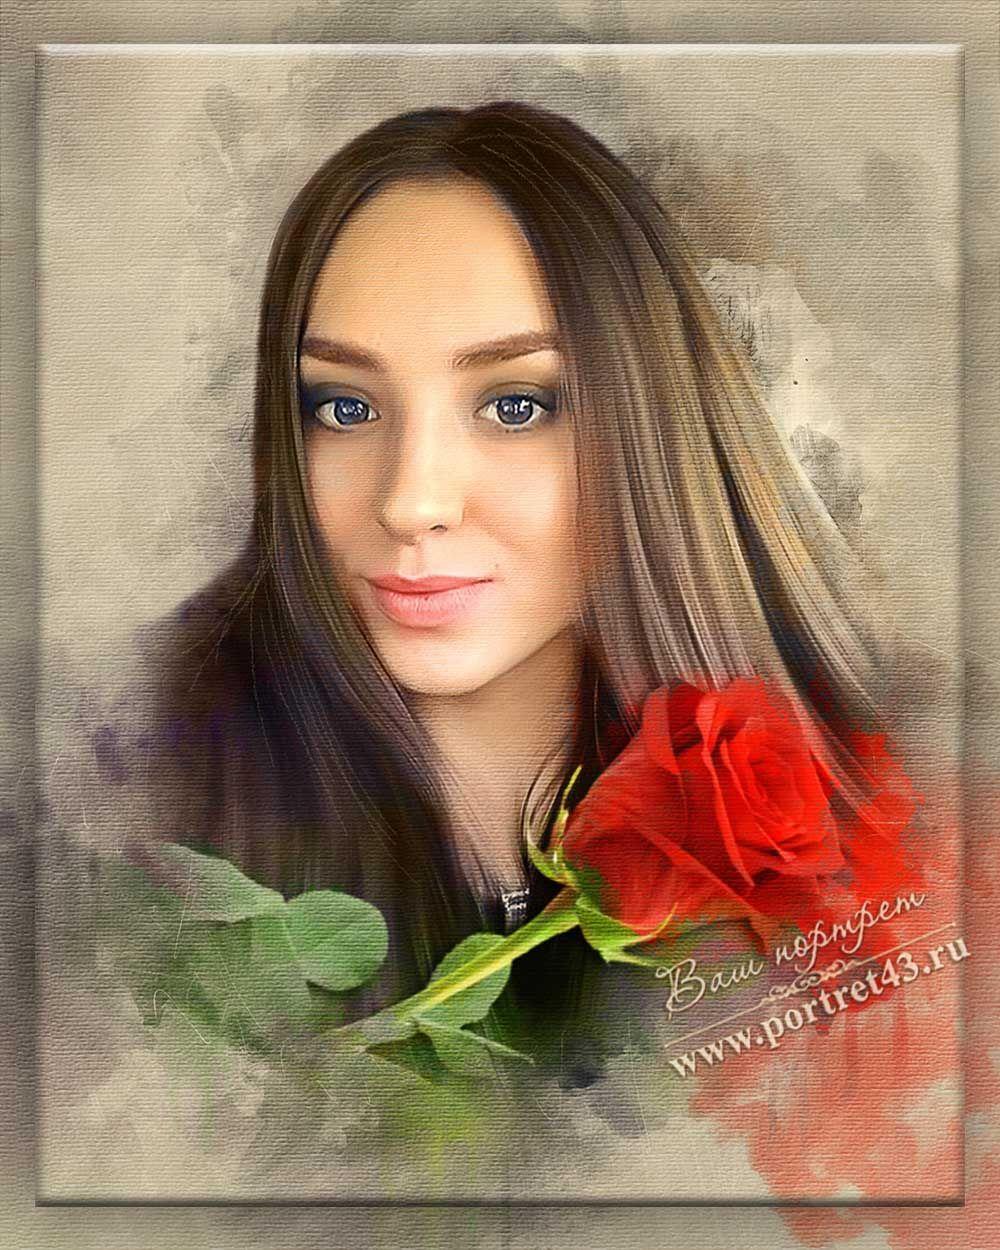 Акварель в цифре. Портрет девушки с розой. Портрет Киров.